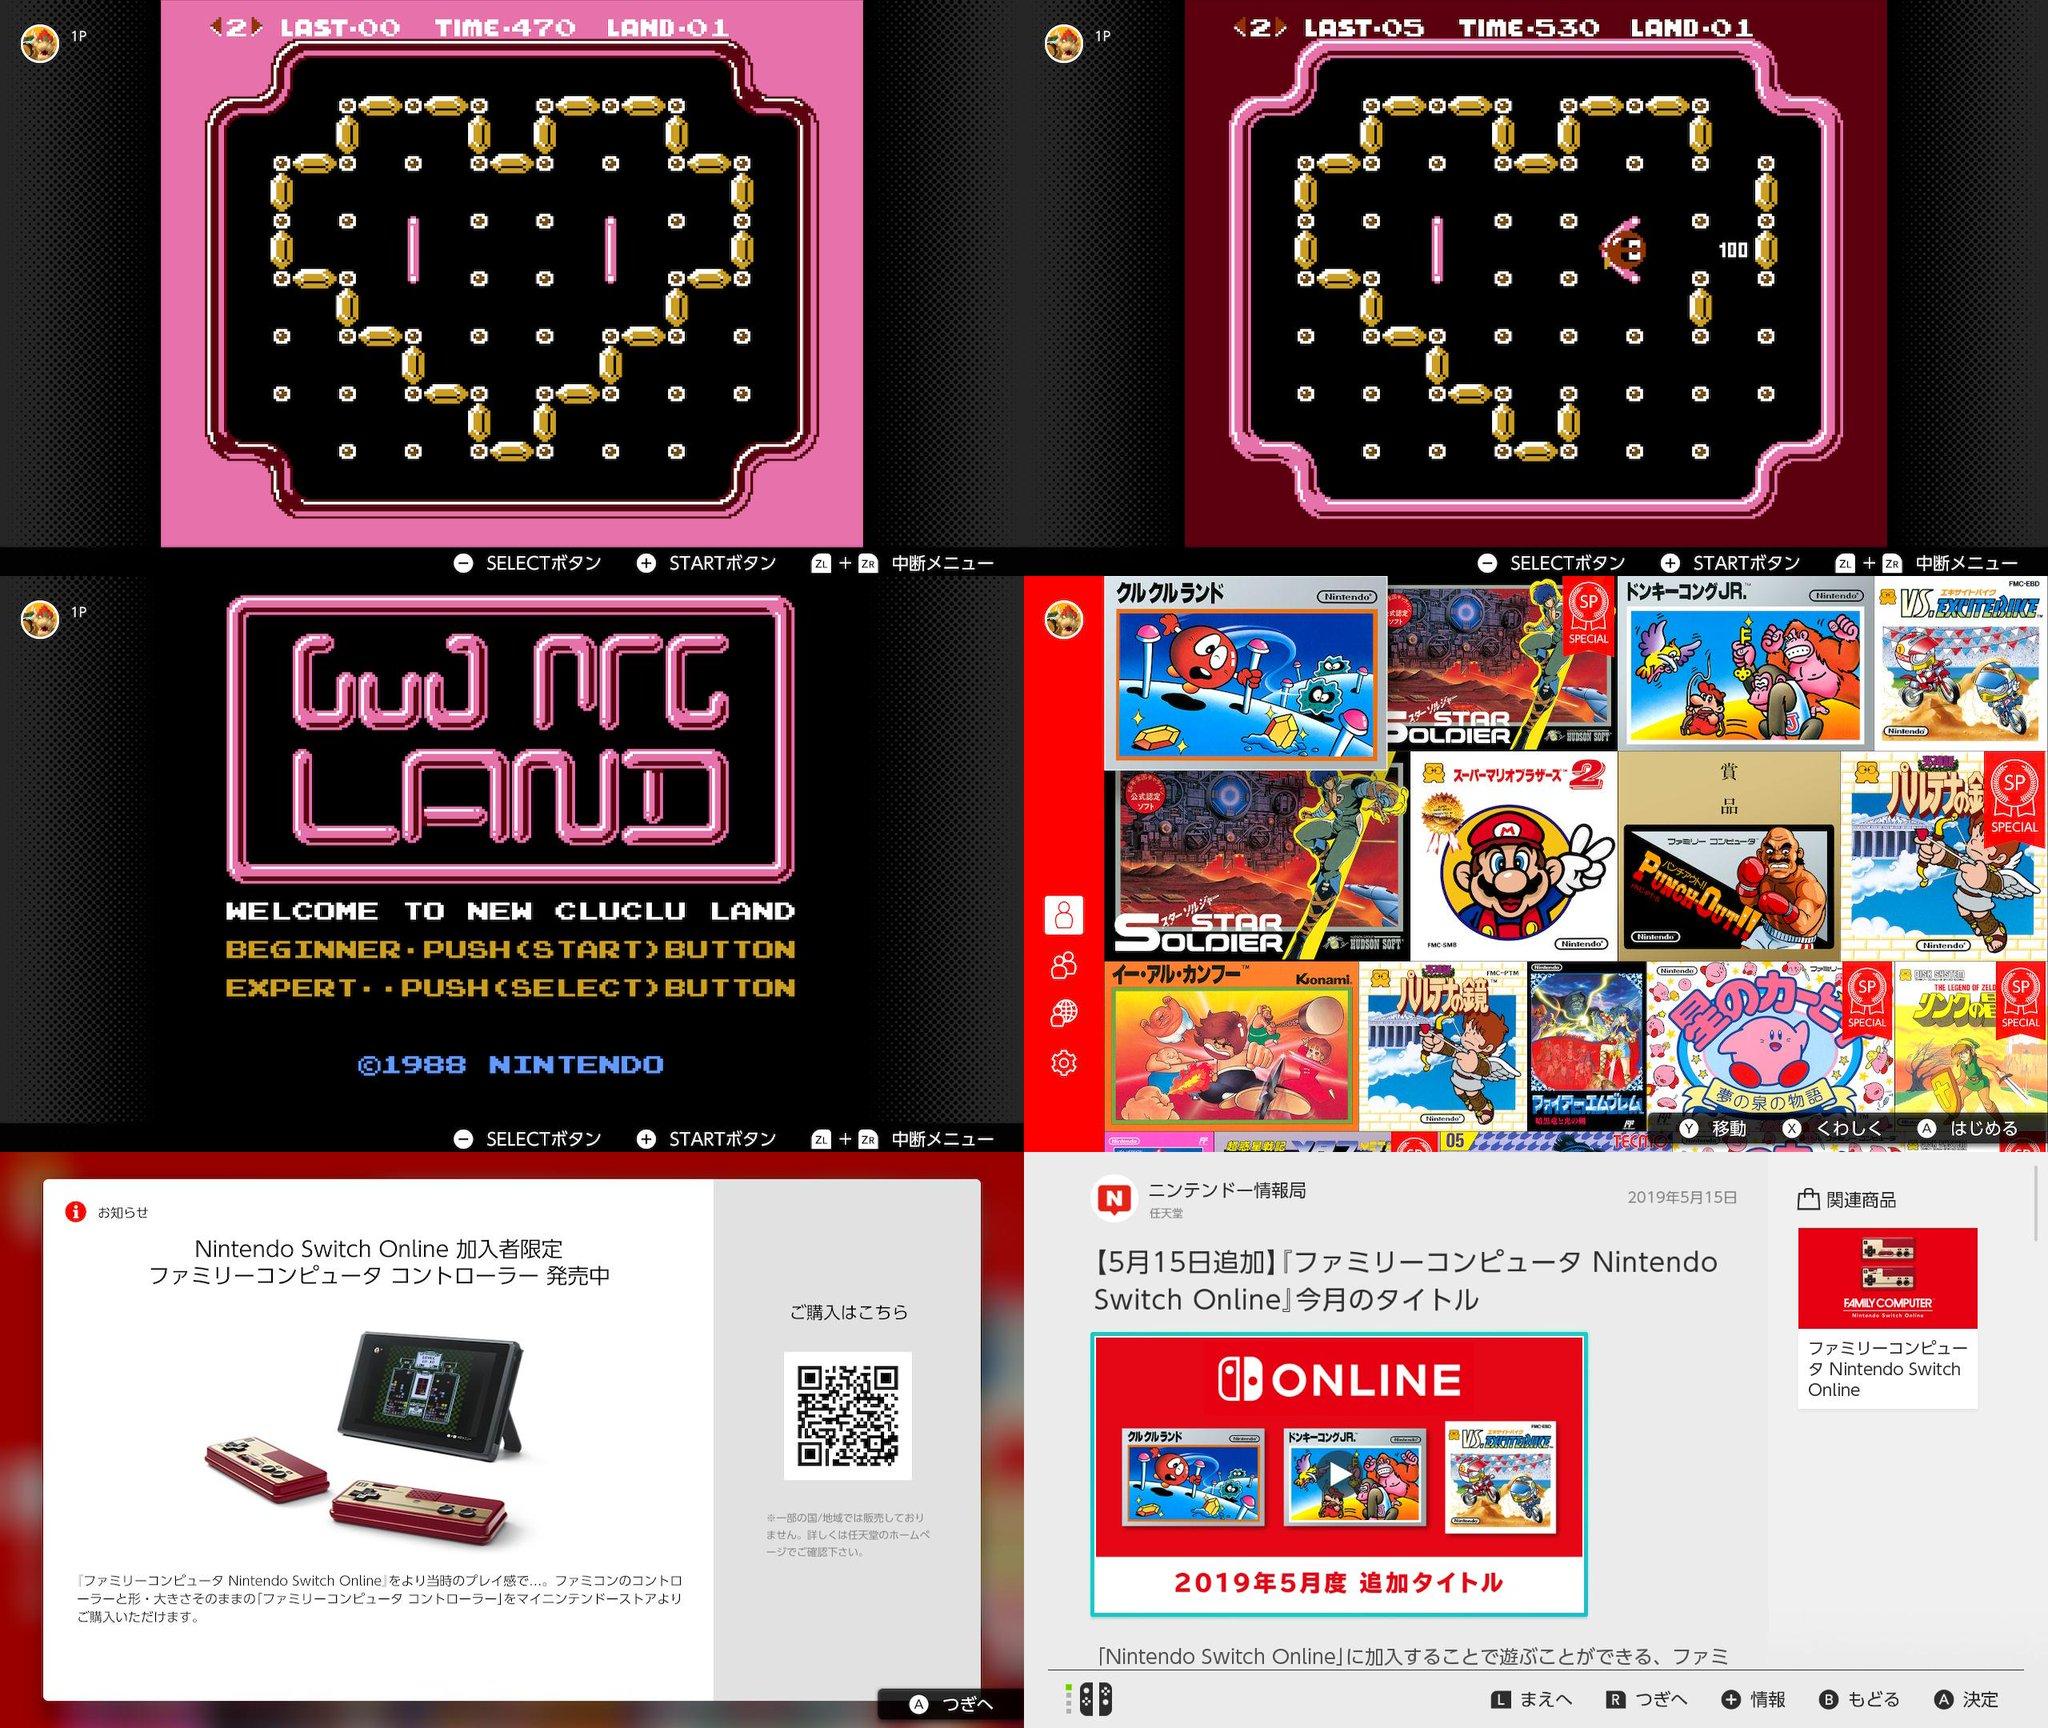 Nintendo Switch Online にクルクルランドが追加されたー(∩´∀`)∩ ファミコン買ったときに抱き合わせで入ってたのを思い出す。 https://t.co/5FZA3EWtIz